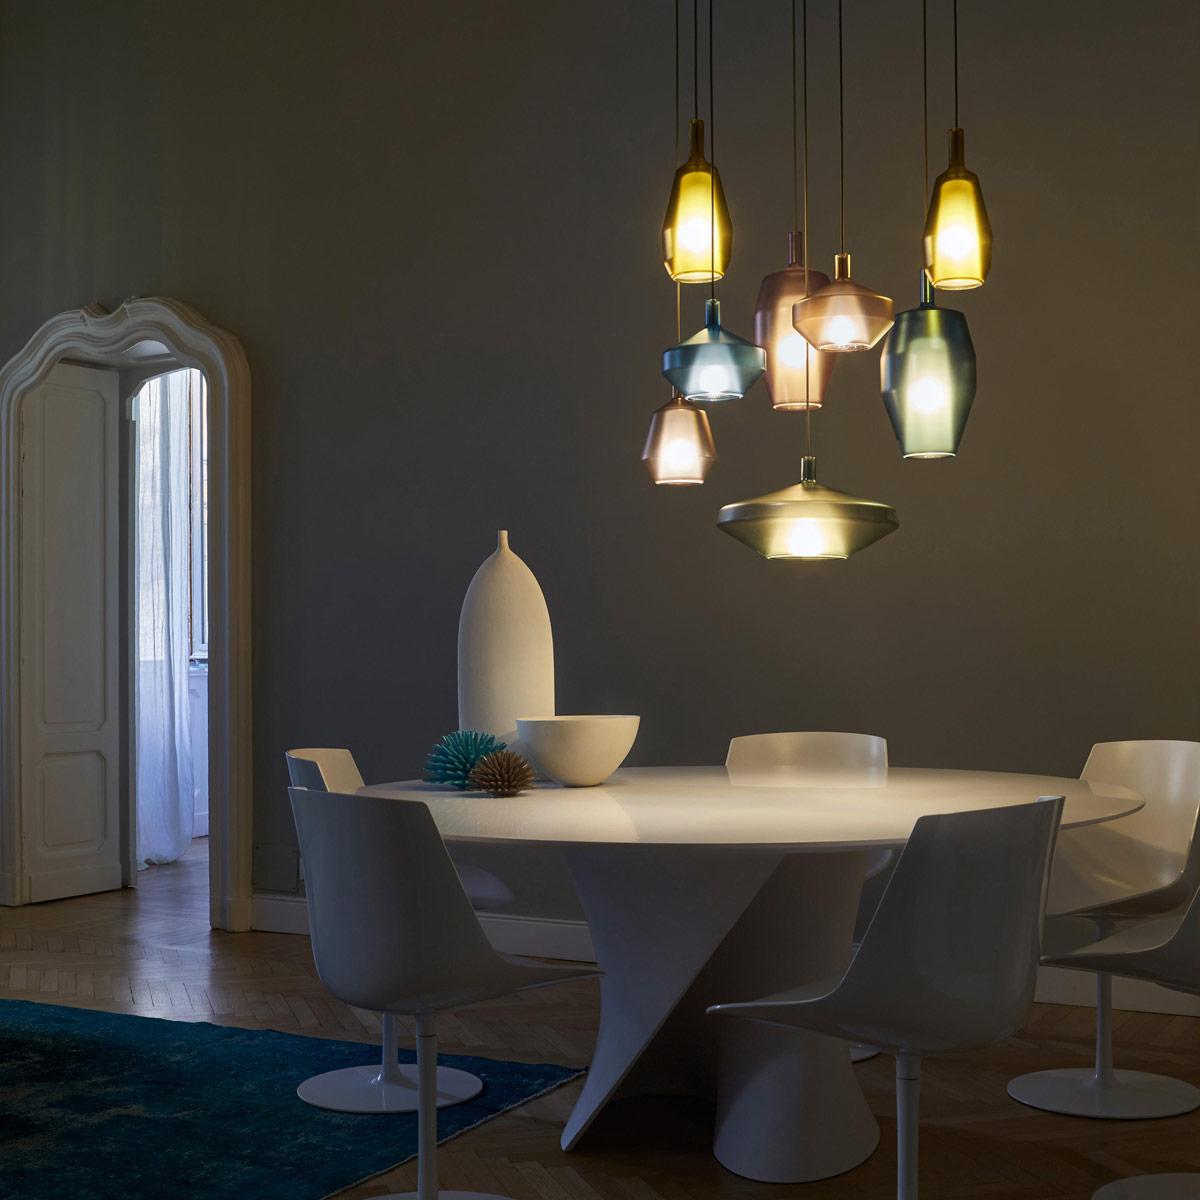 Pendelleuchte  Penta Haengeleuchte modern Eggers Einrichten Interior Design Muenchen